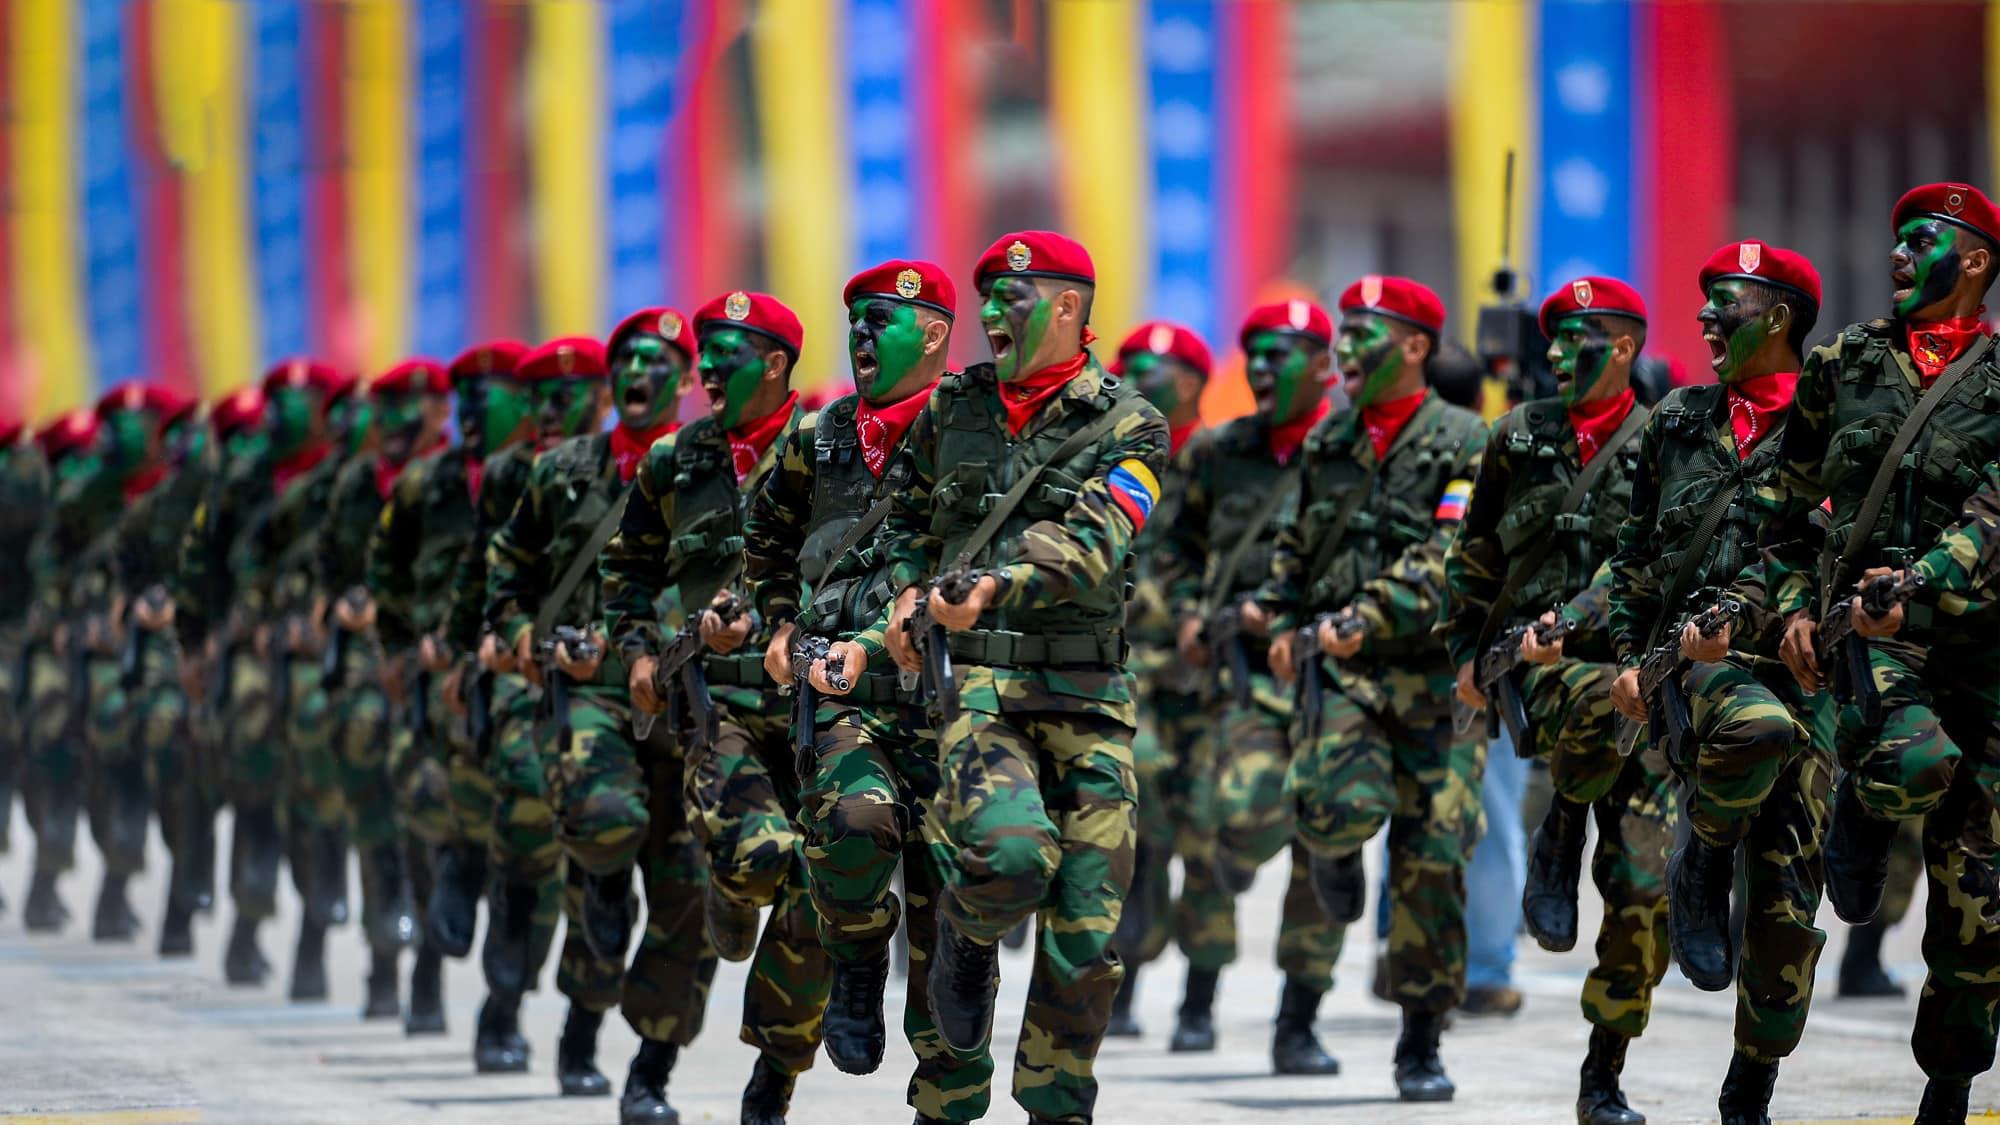 La acusación contra Maduro envía un fuerte mensaje al ejército de Venezuela